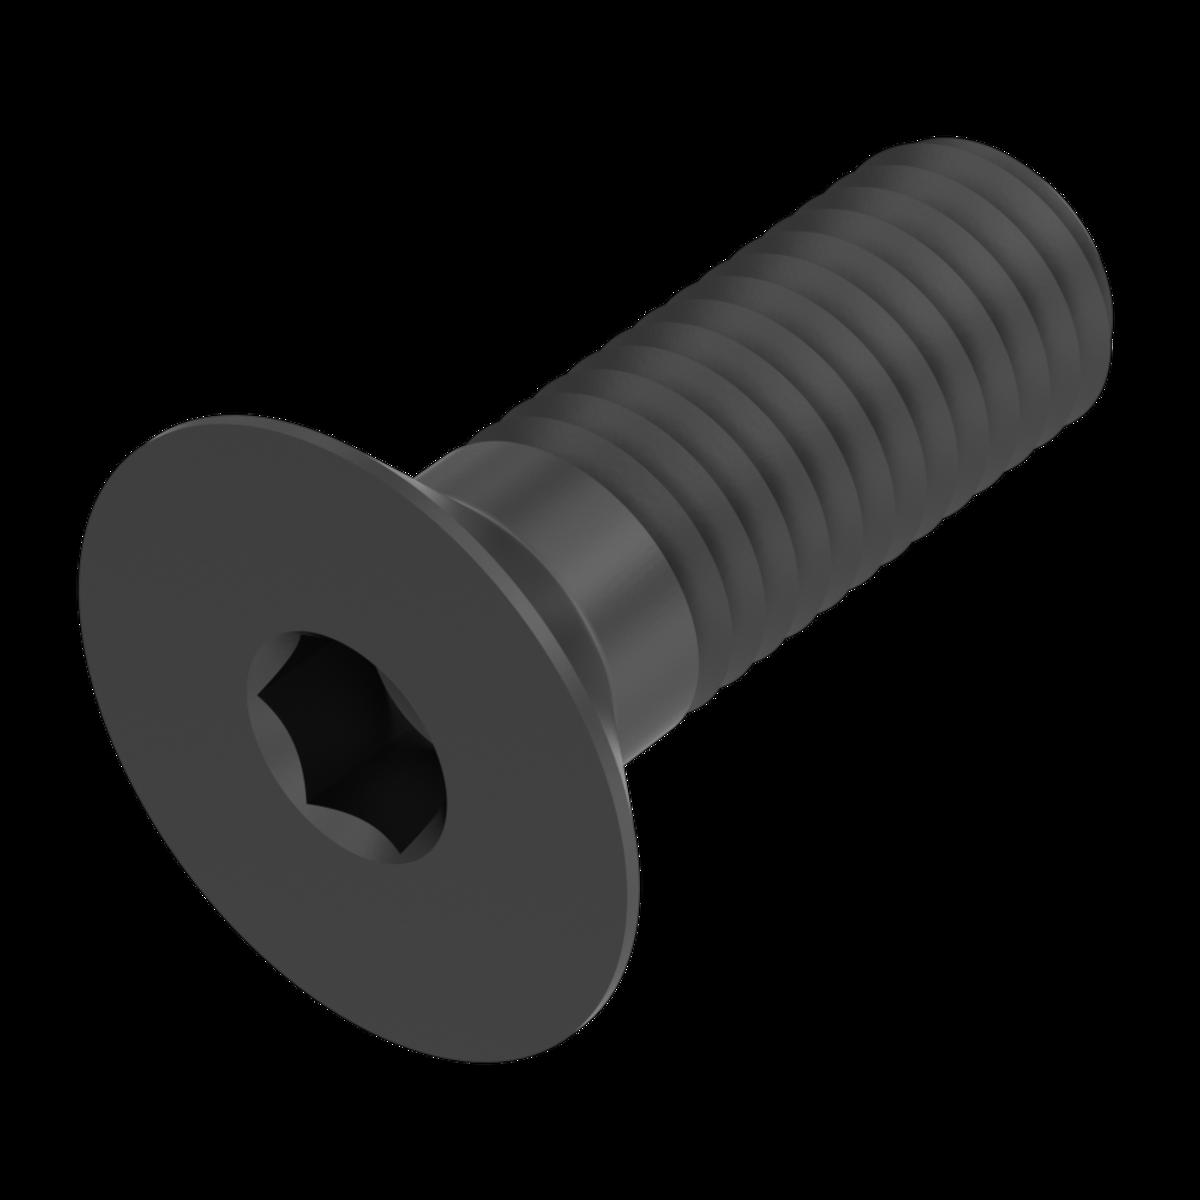 Senkschrauben ISK SC7991 SC-Normteile/® Senkkopfschrauben mit Innensechskant - M10x25 - Werkstoff: Edelstahl A2 V2A Vollgewinde - DIN 7991 // ISO 10642 10 St/ück